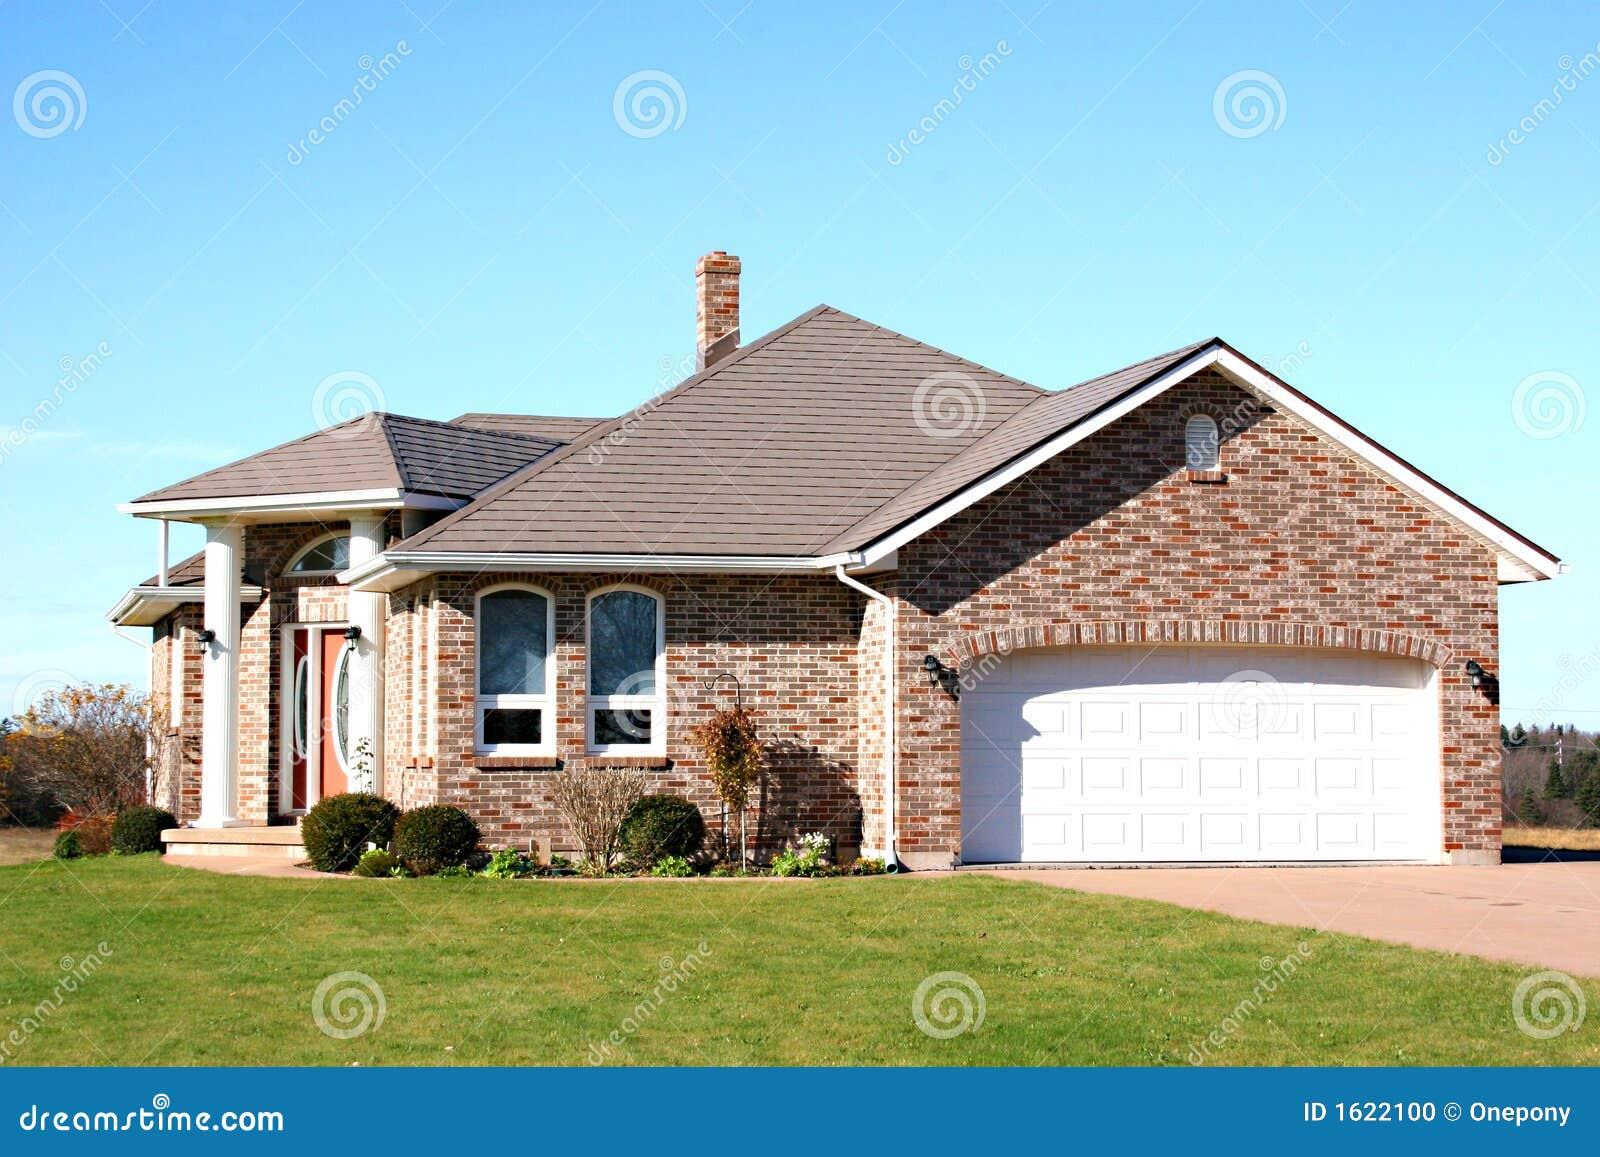 New Brick House Stock Photo Image 1622100